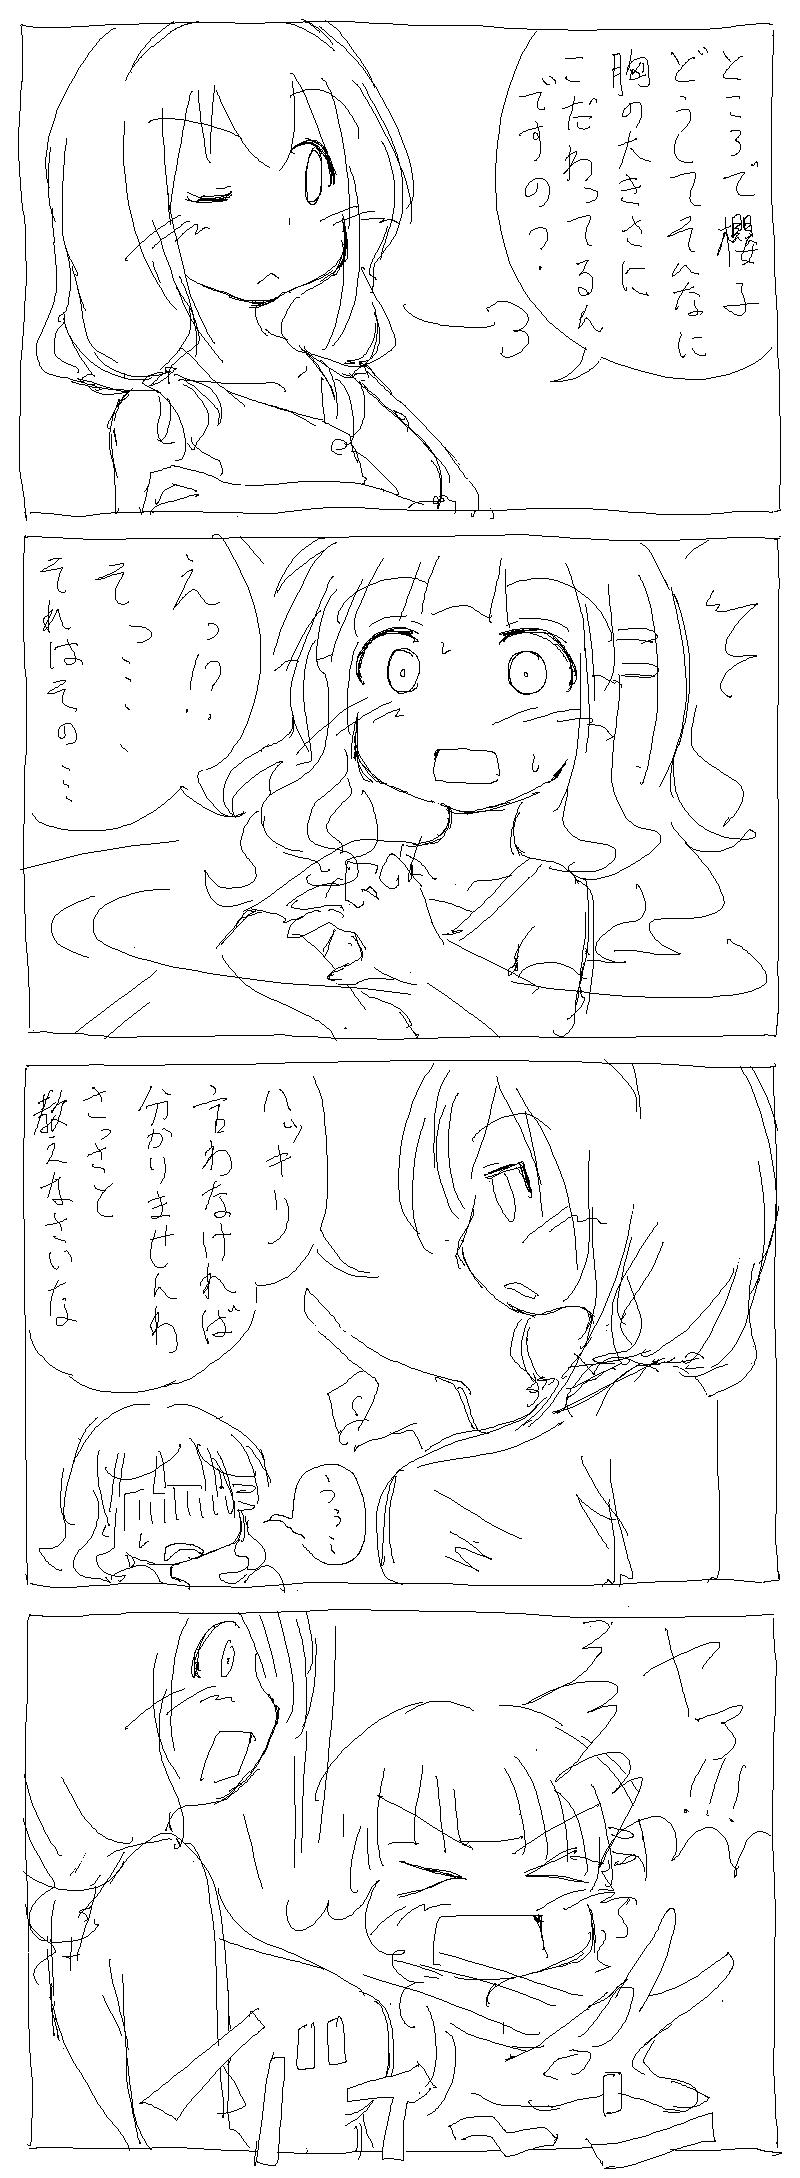 http://blueandgreen.jp/images/himasaku_06.png